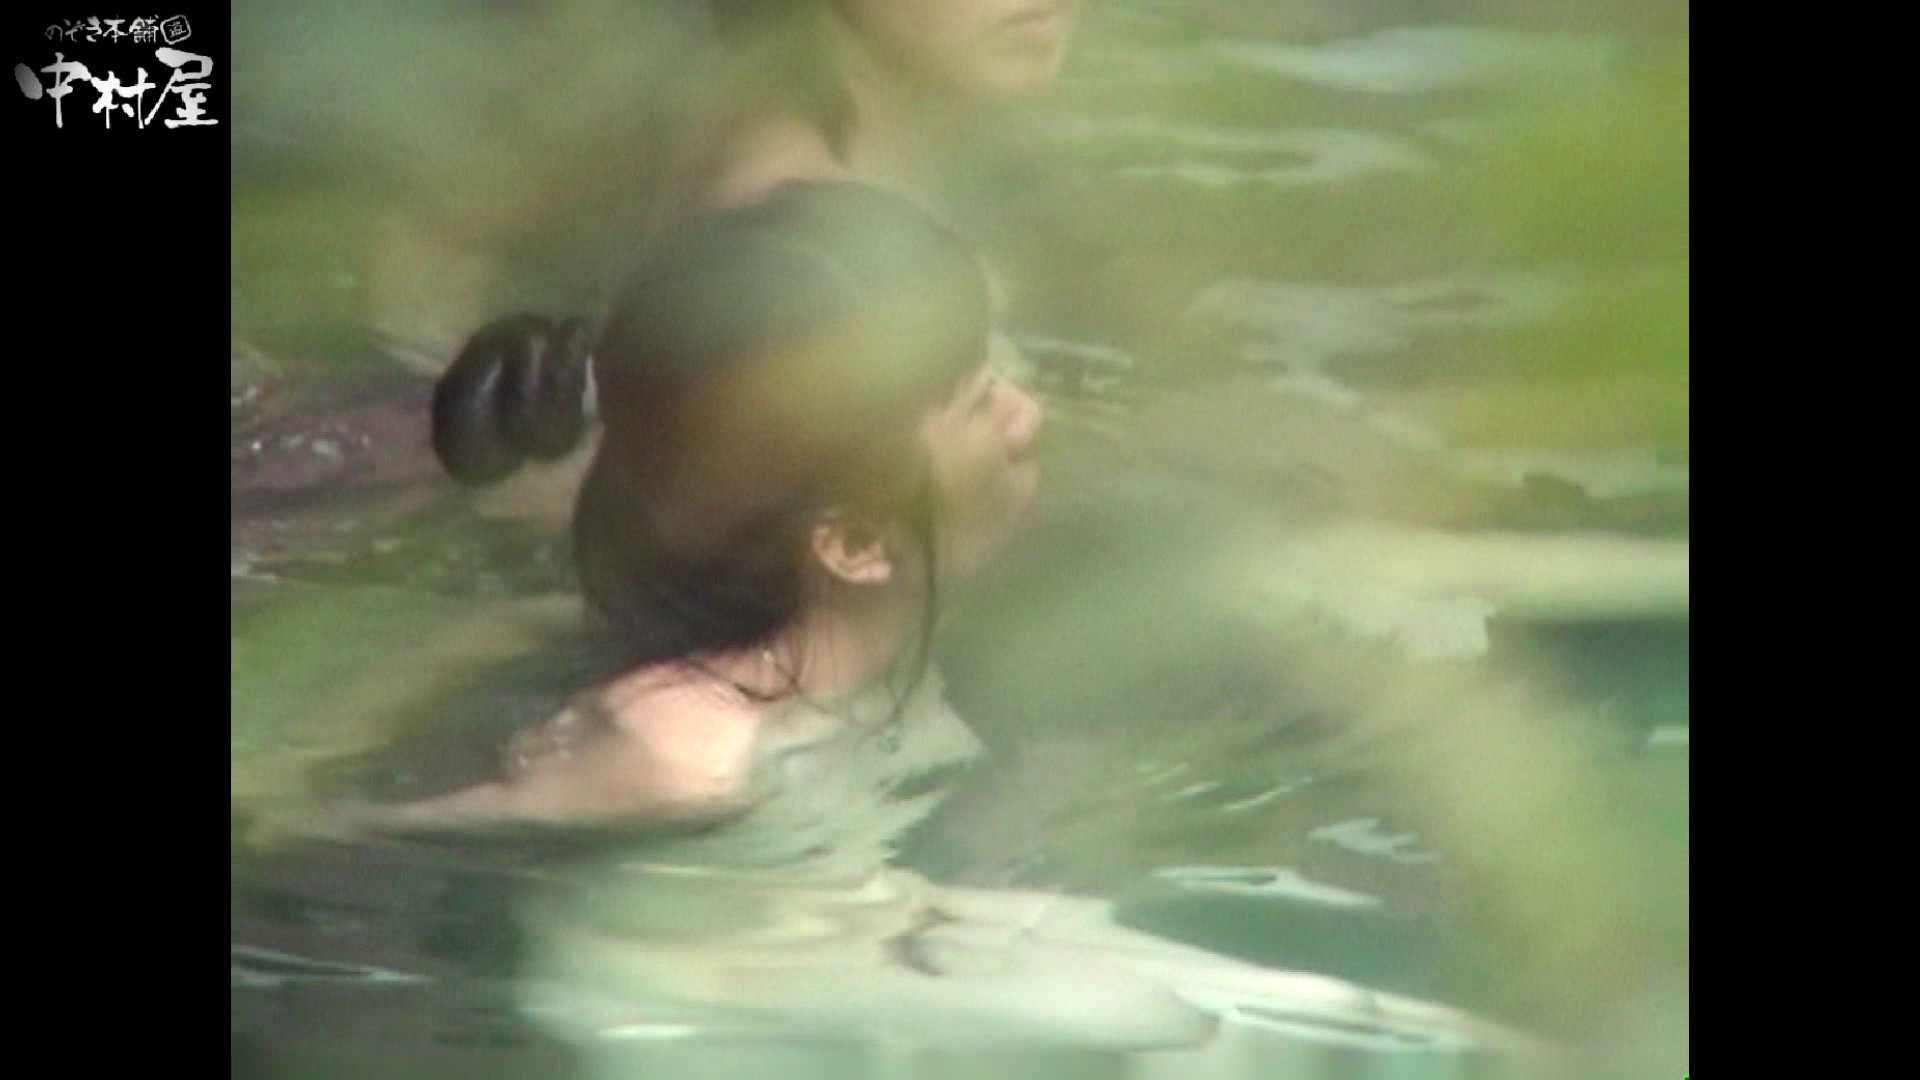 Aquaな露天風呂Vol.953 OLのエロ生活  107連発 39